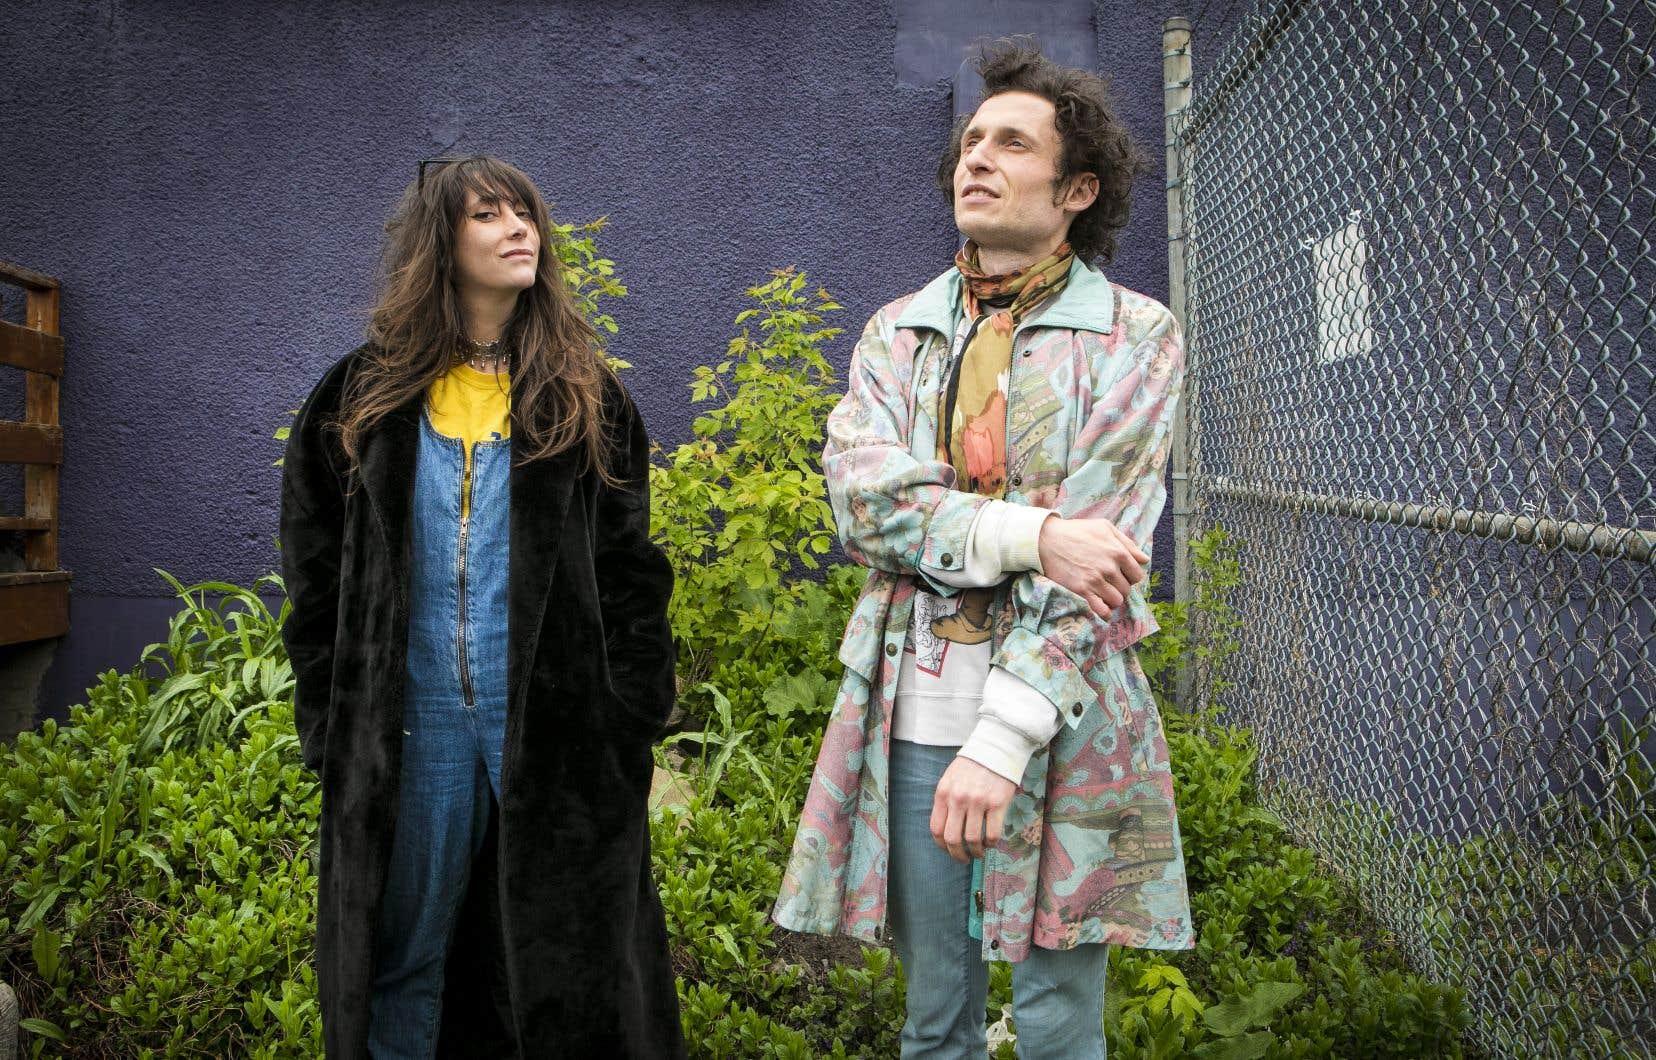 Autrefois un duo, ensuite un trio avec Éliane Préfontaine, Julia Daigle et Pierre-Luc Bégin ont créé cet album en duo, faisant ainsi un retour aux sources.